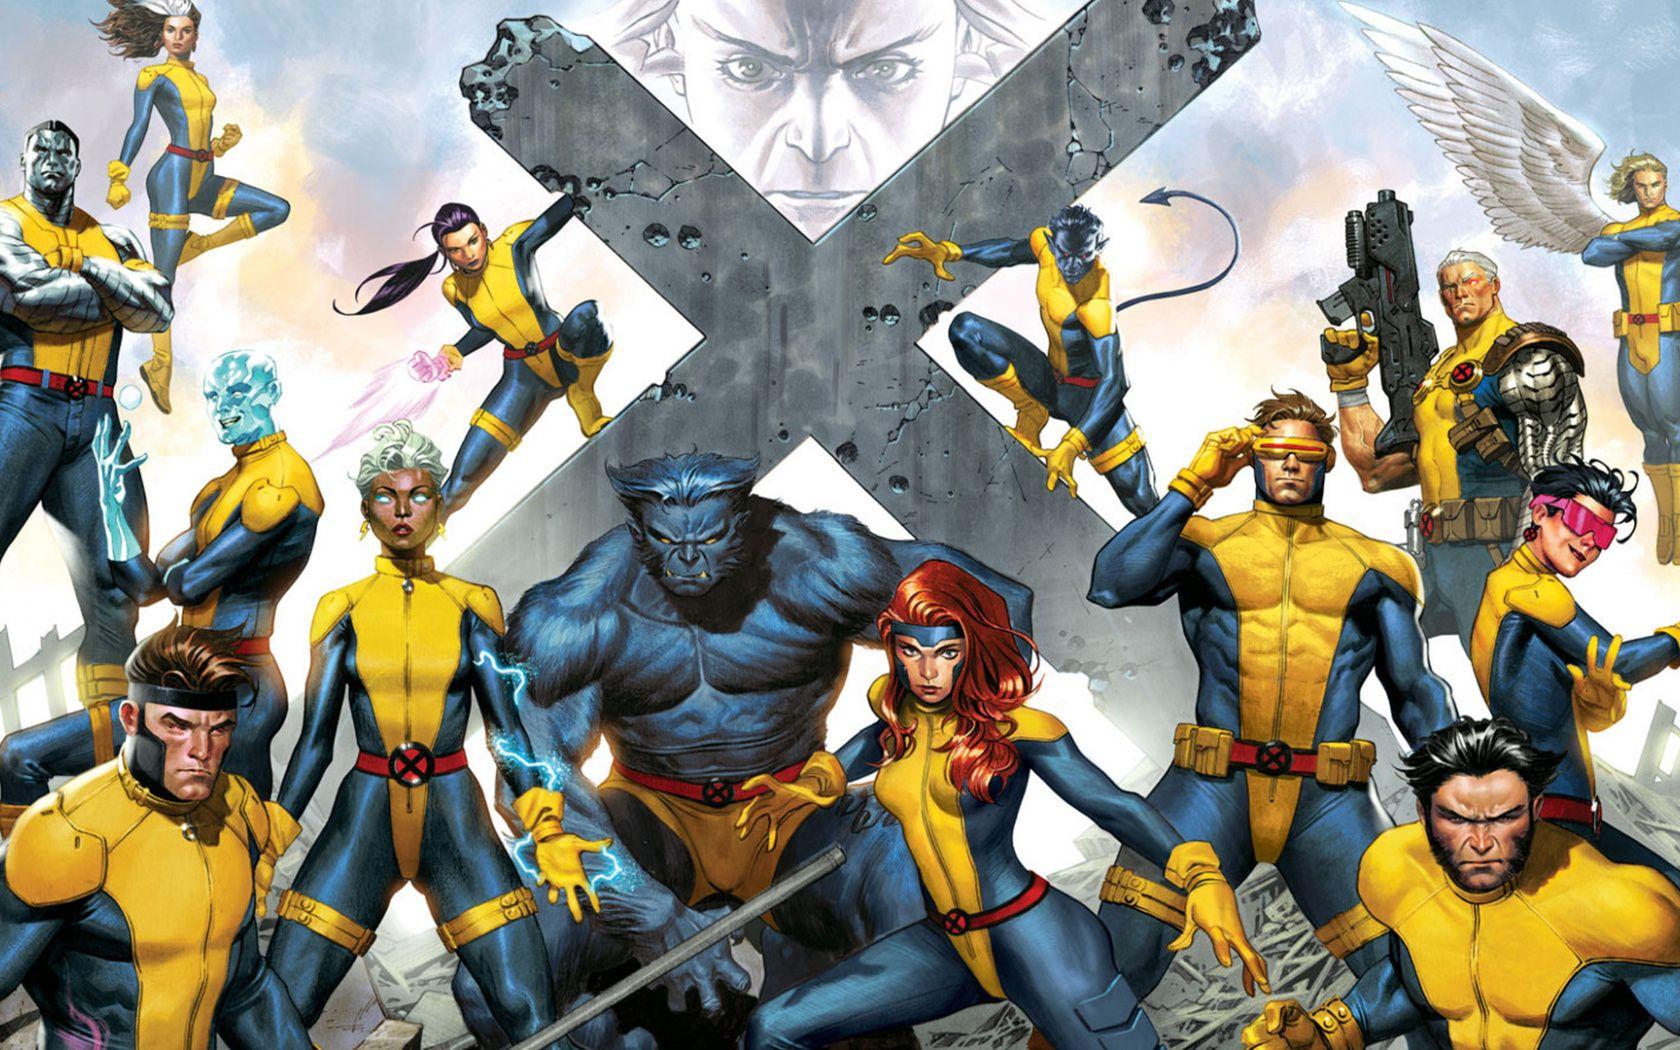 1680x1050 X Men Superheroes Art Wallpaper Xmen Comics Marvel Comics Art Comic Art